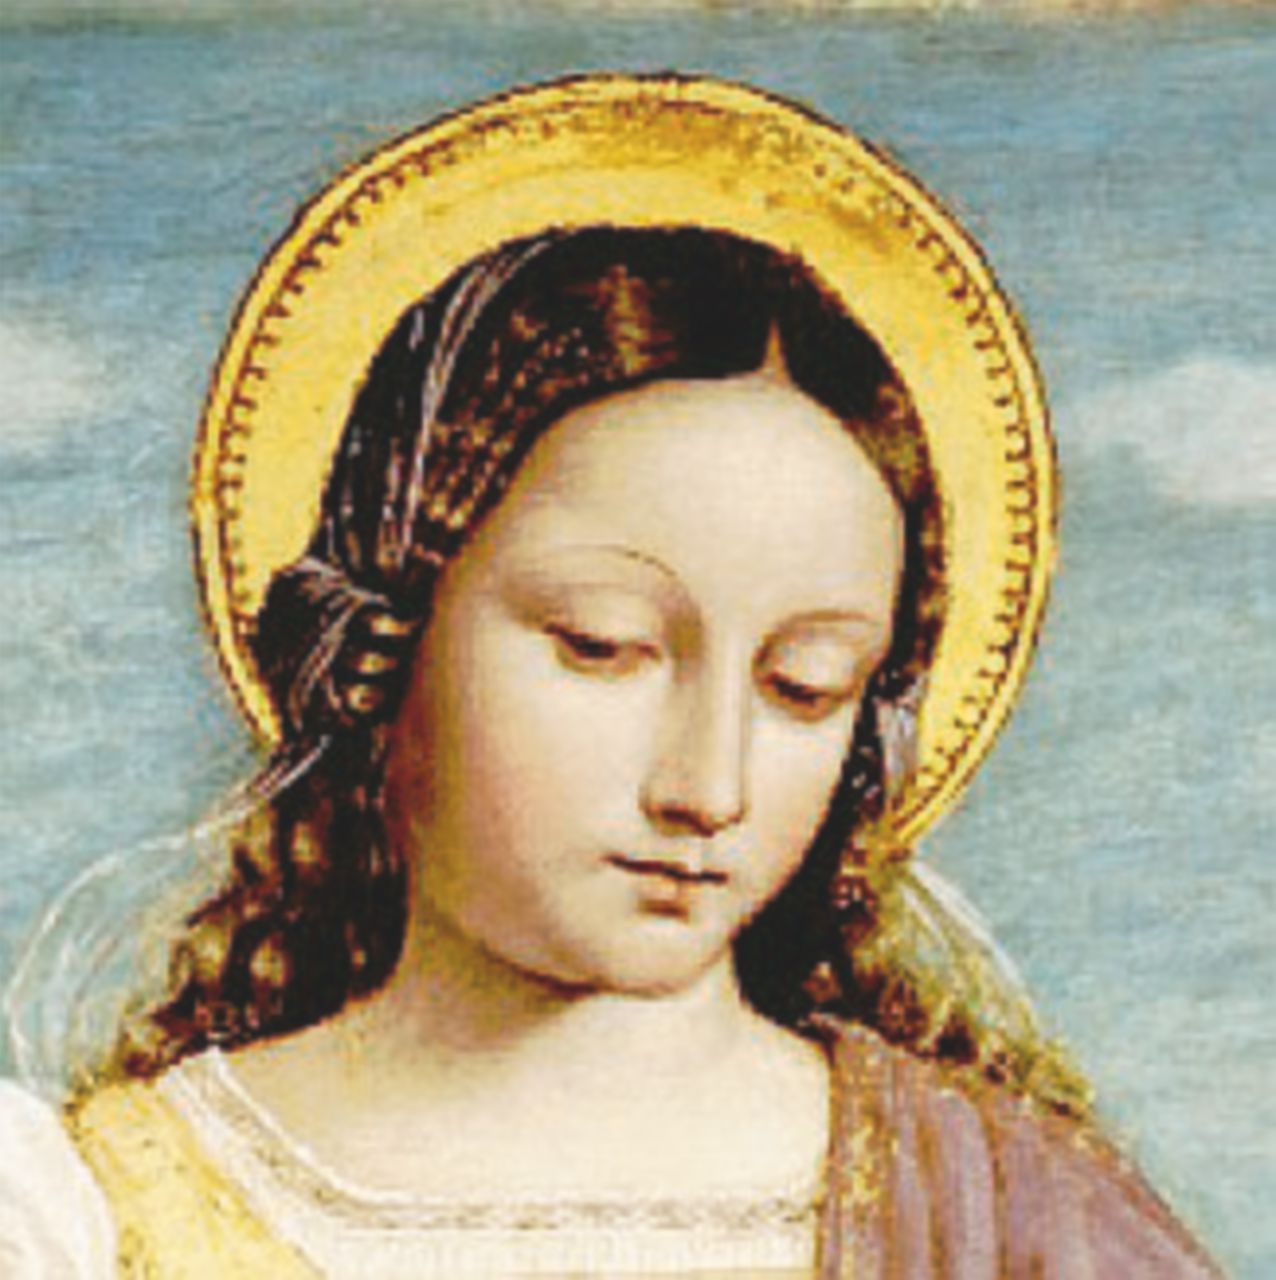 Il sì postumo di Sant'Agata